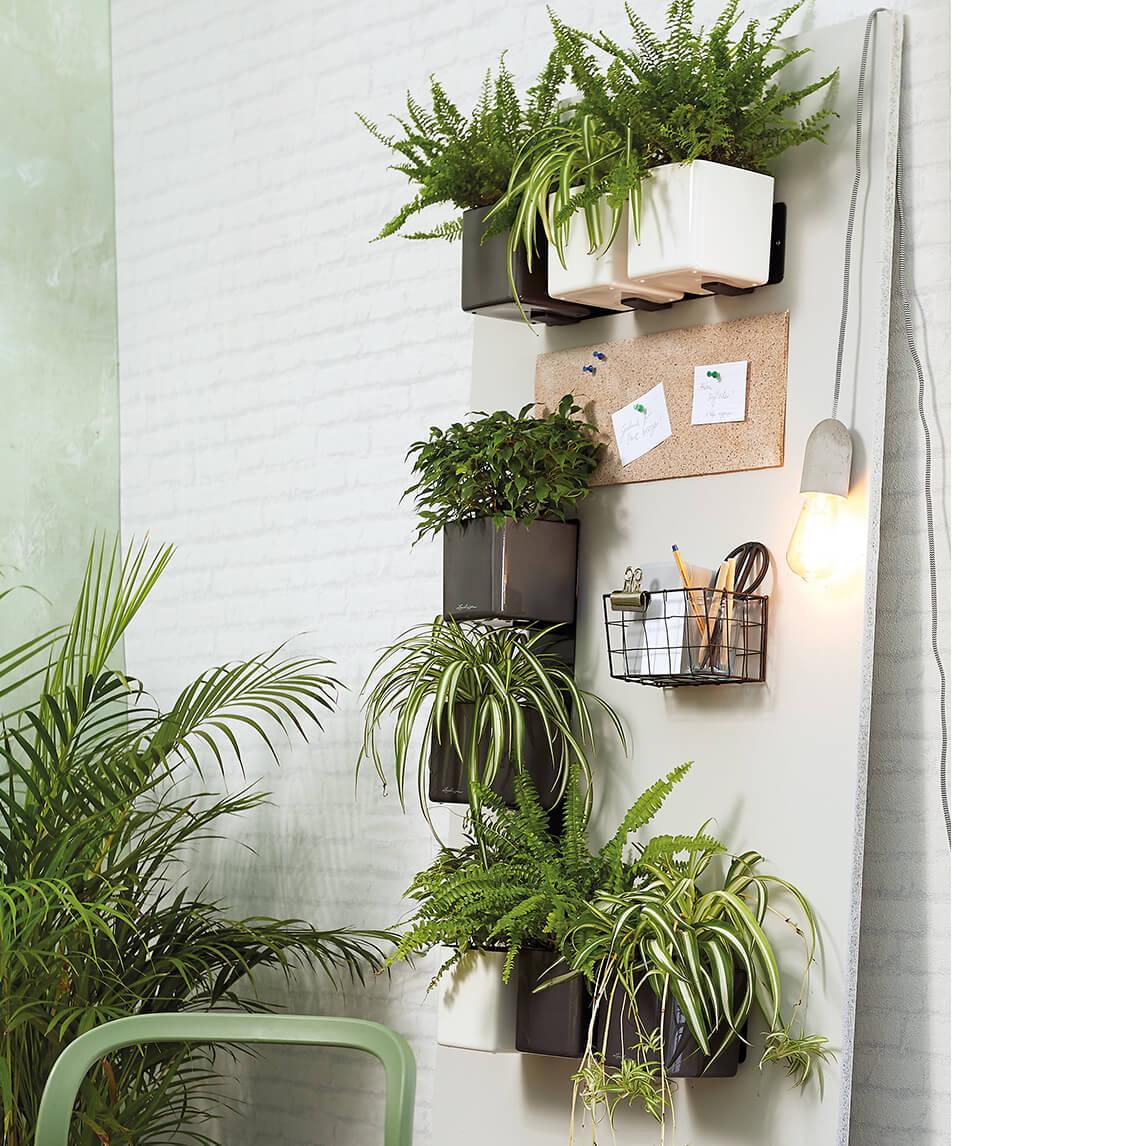 Varios kits de pared verde cuelgan en una pared junto con un soporte para bolígrafos y un tablón de anuncios